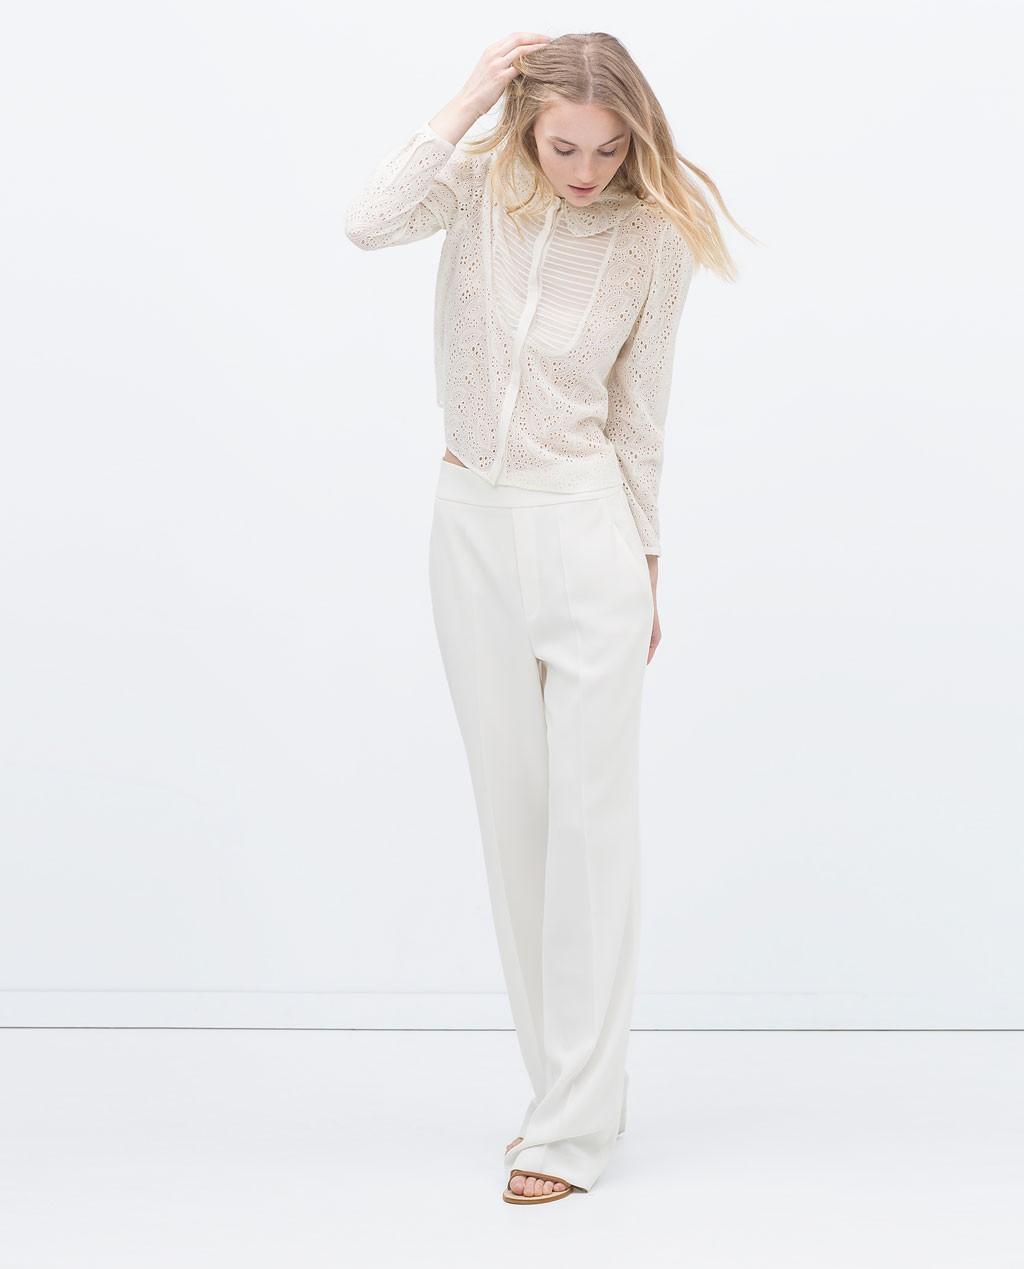 Camisas - Zara-130-stylelovely